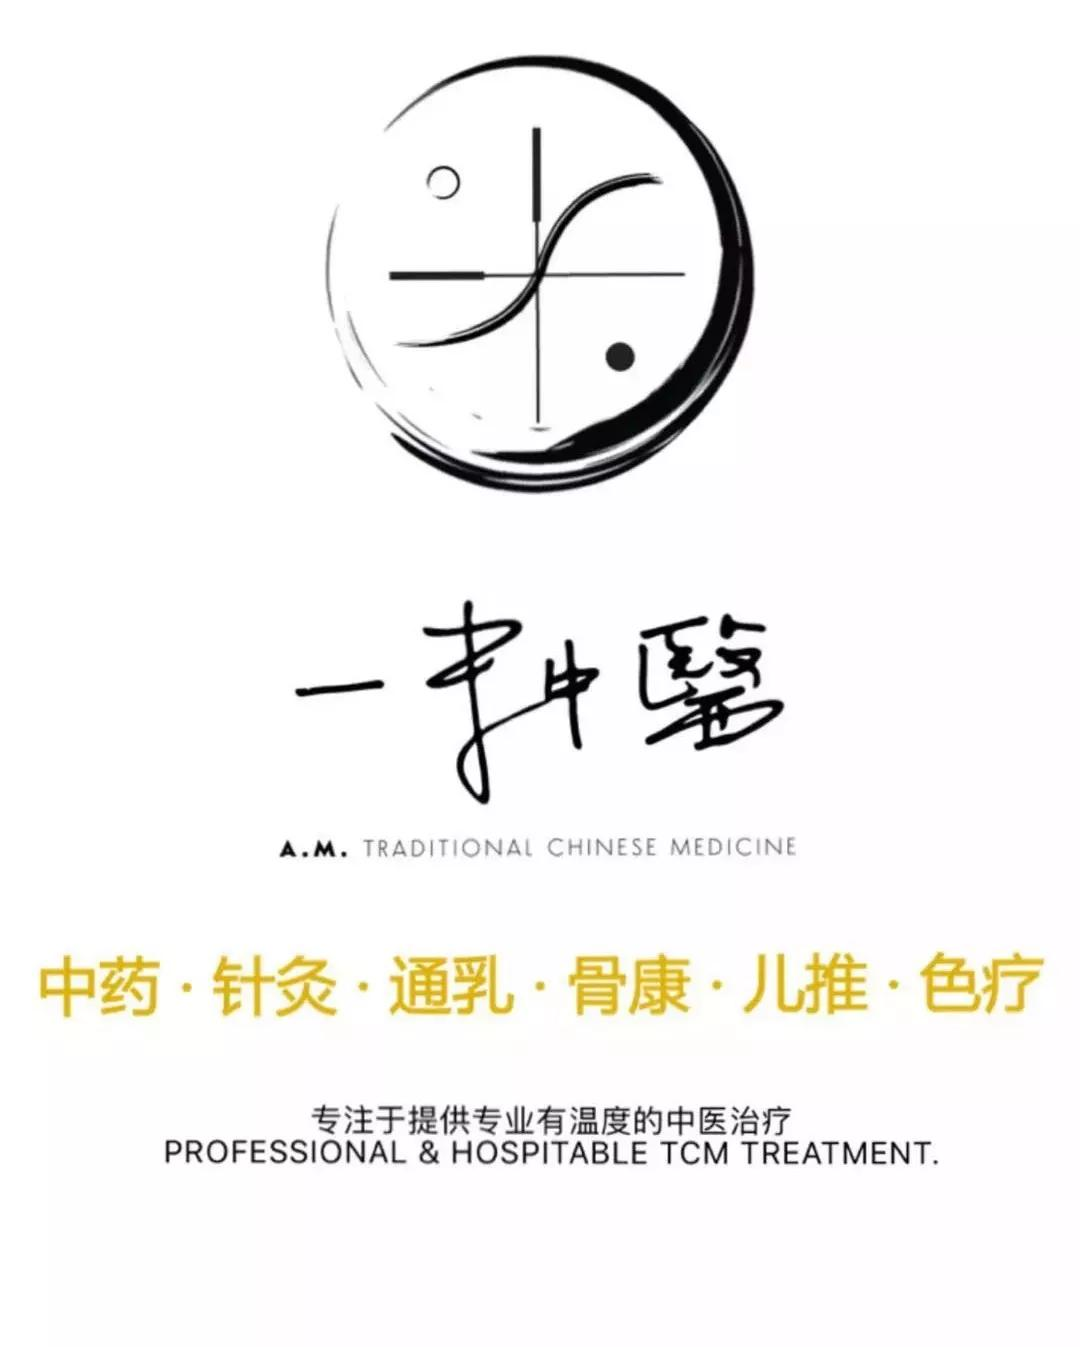 中医角度看基因与发病